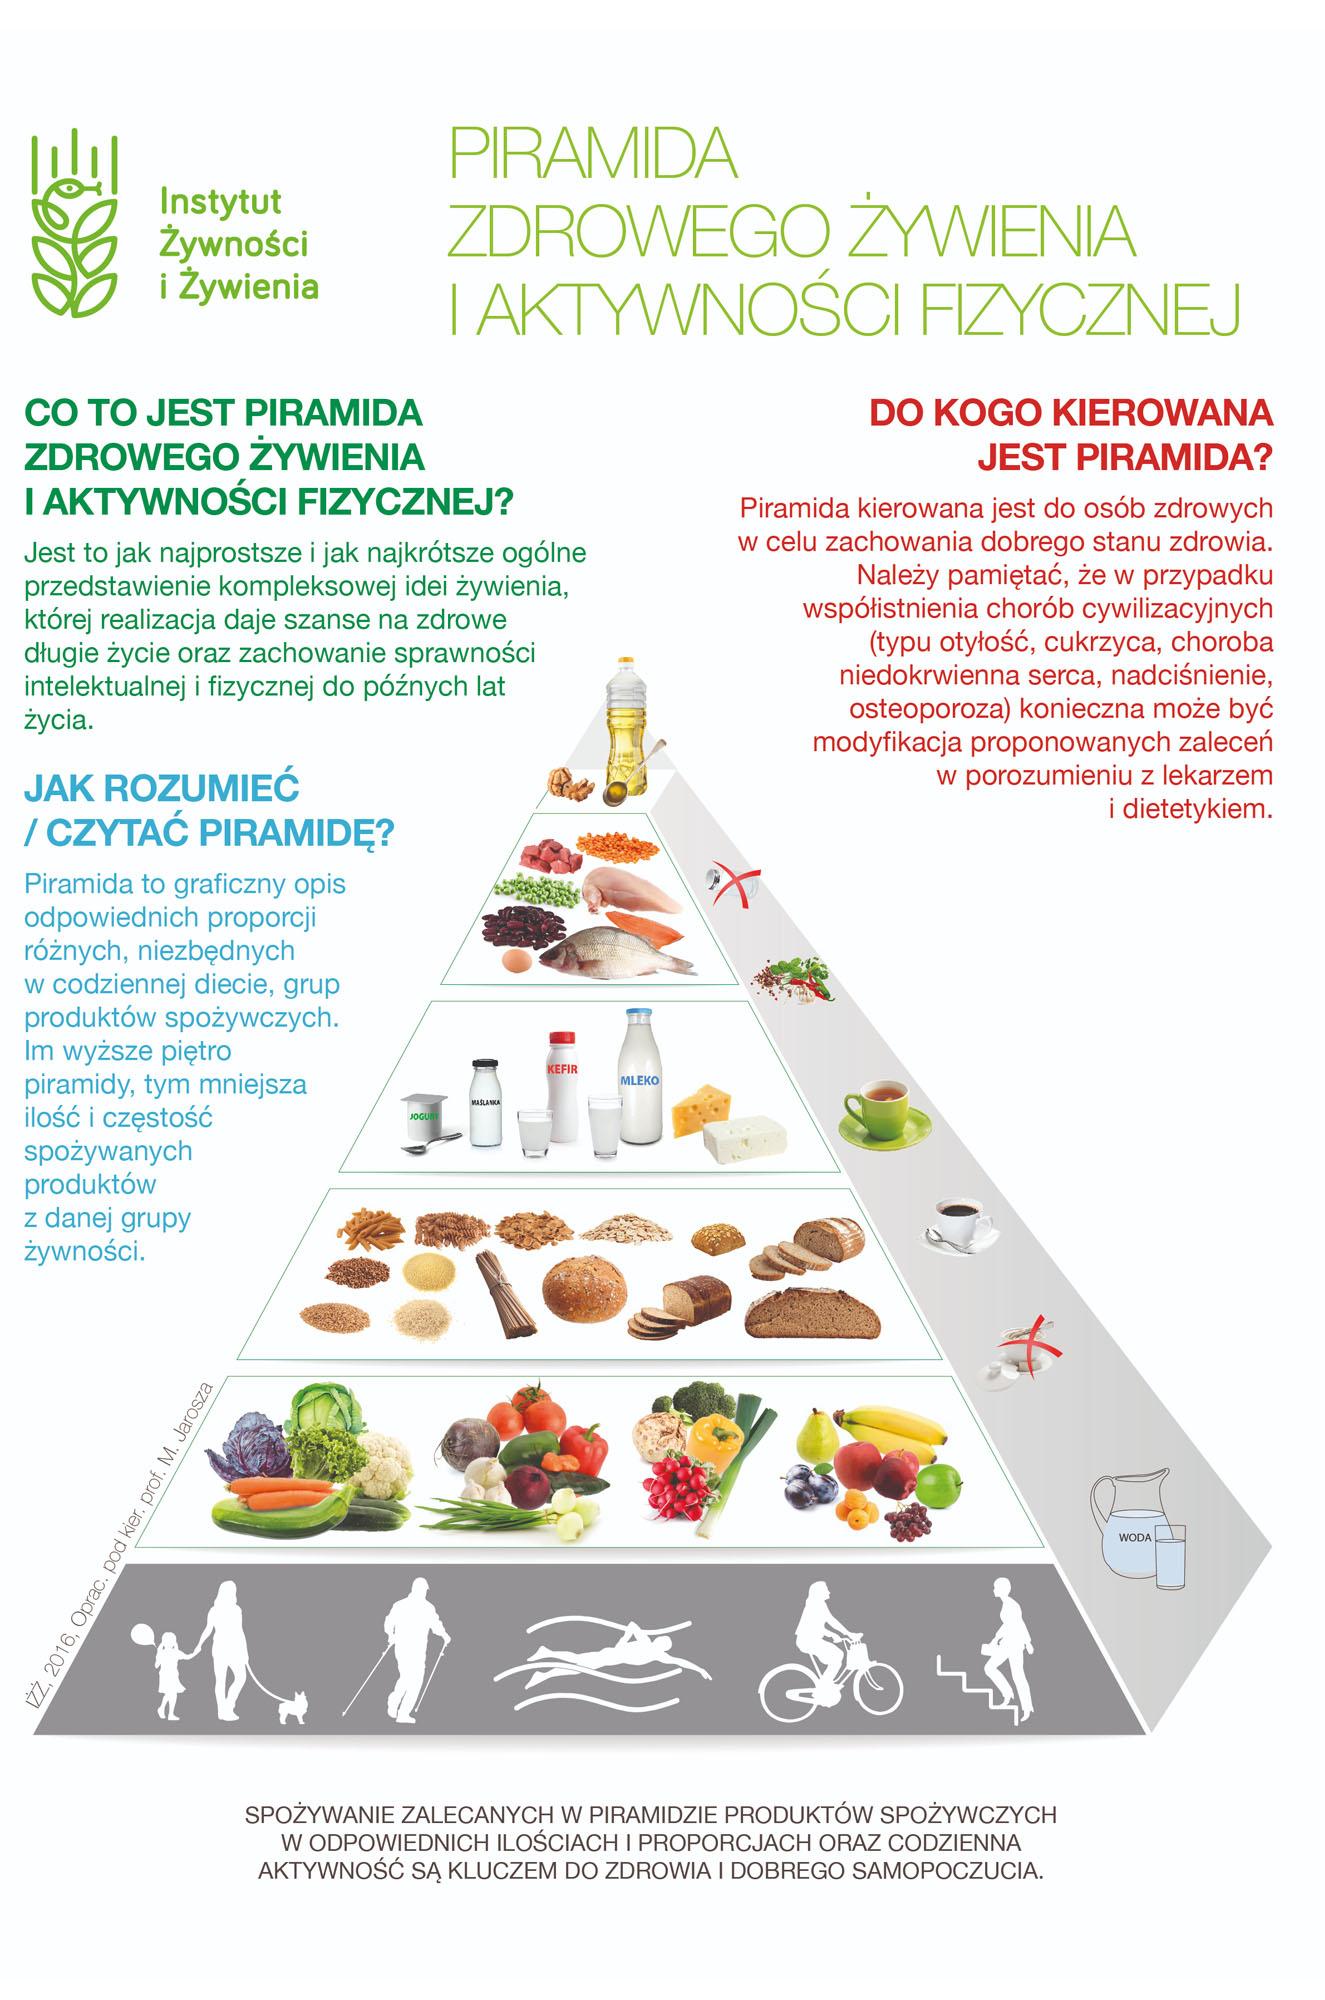 Nowa Piramida Żywieniowa 2020 - zasady   greenmenu.pl